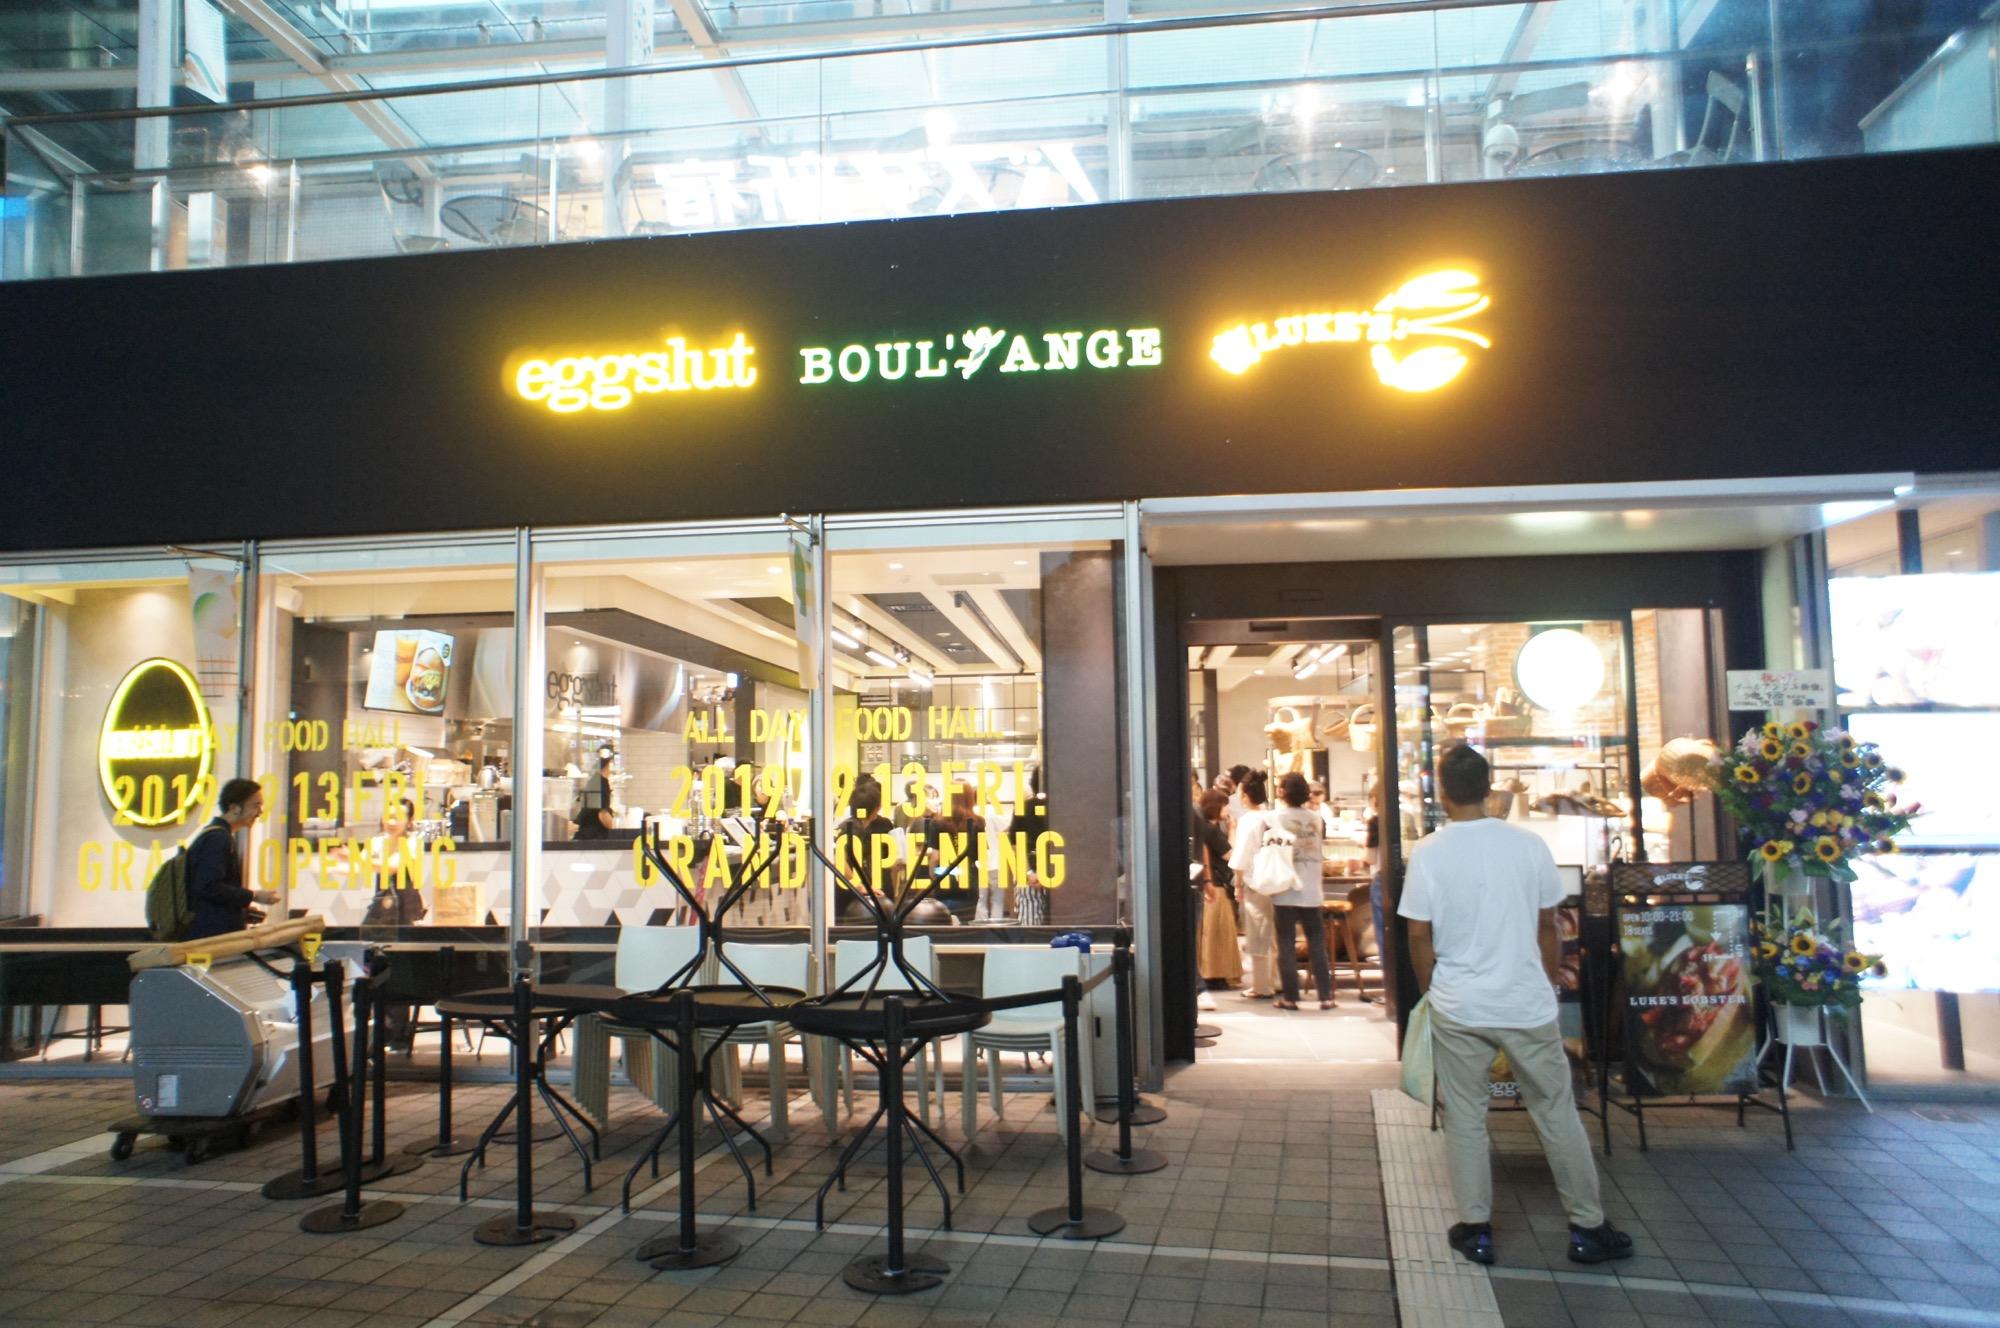 《9/13オープン❤️》新宿【ALL DAY FOOD HALL】のopening receptionに行ってきました☻_1